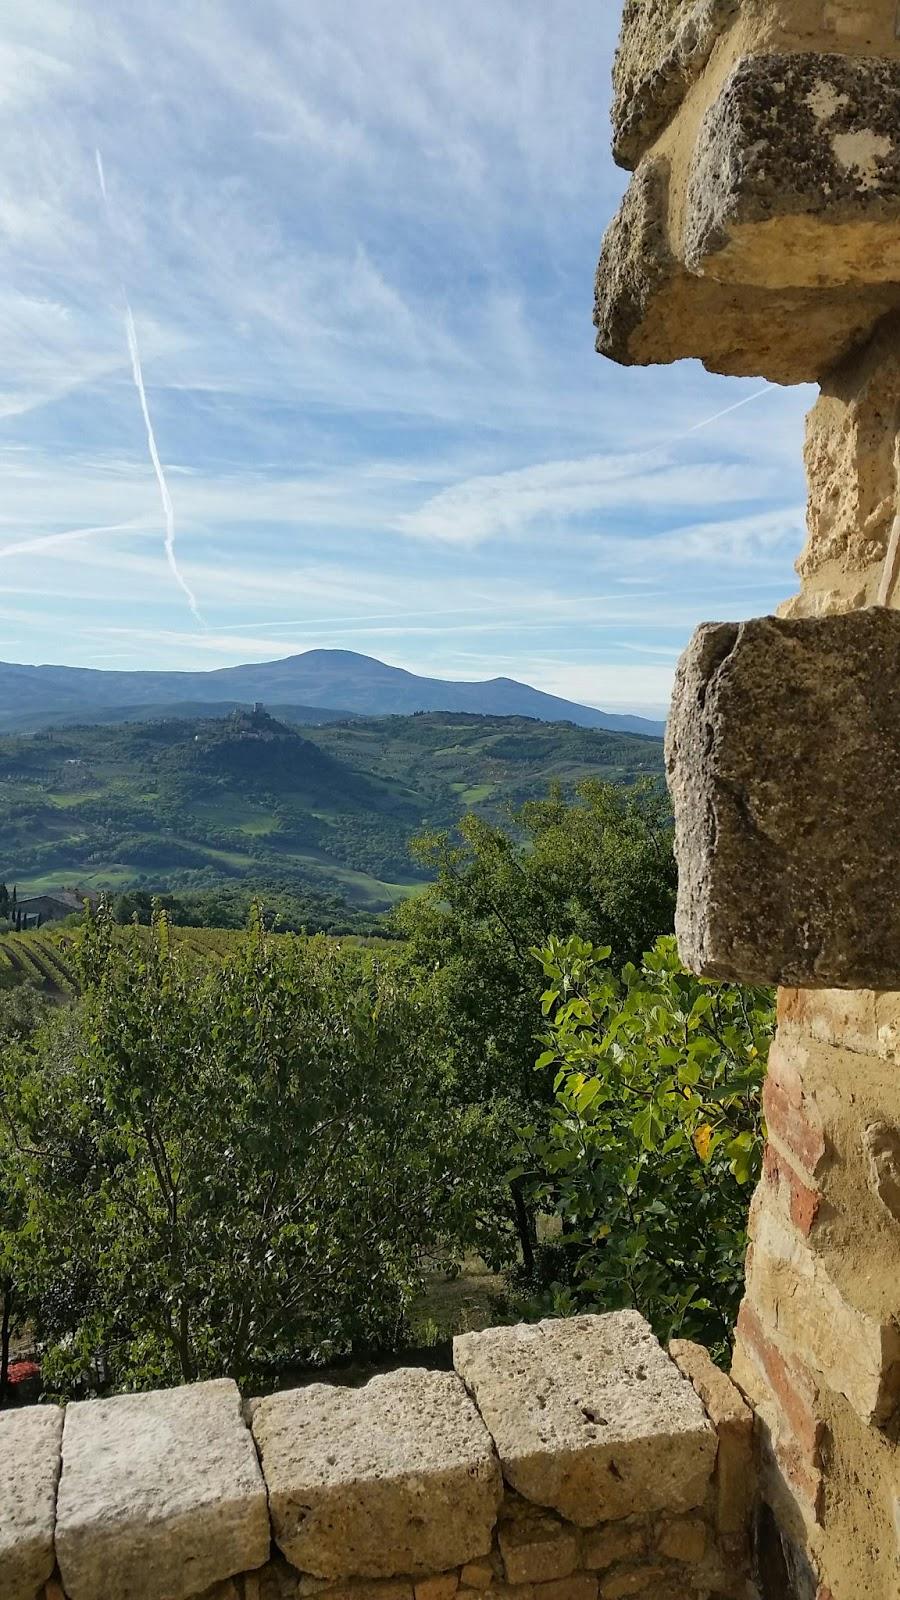 Joanne's long walks: Day 22: San Quirico d'Orcia - Gallina : bagno vignoni agriturismo : Design